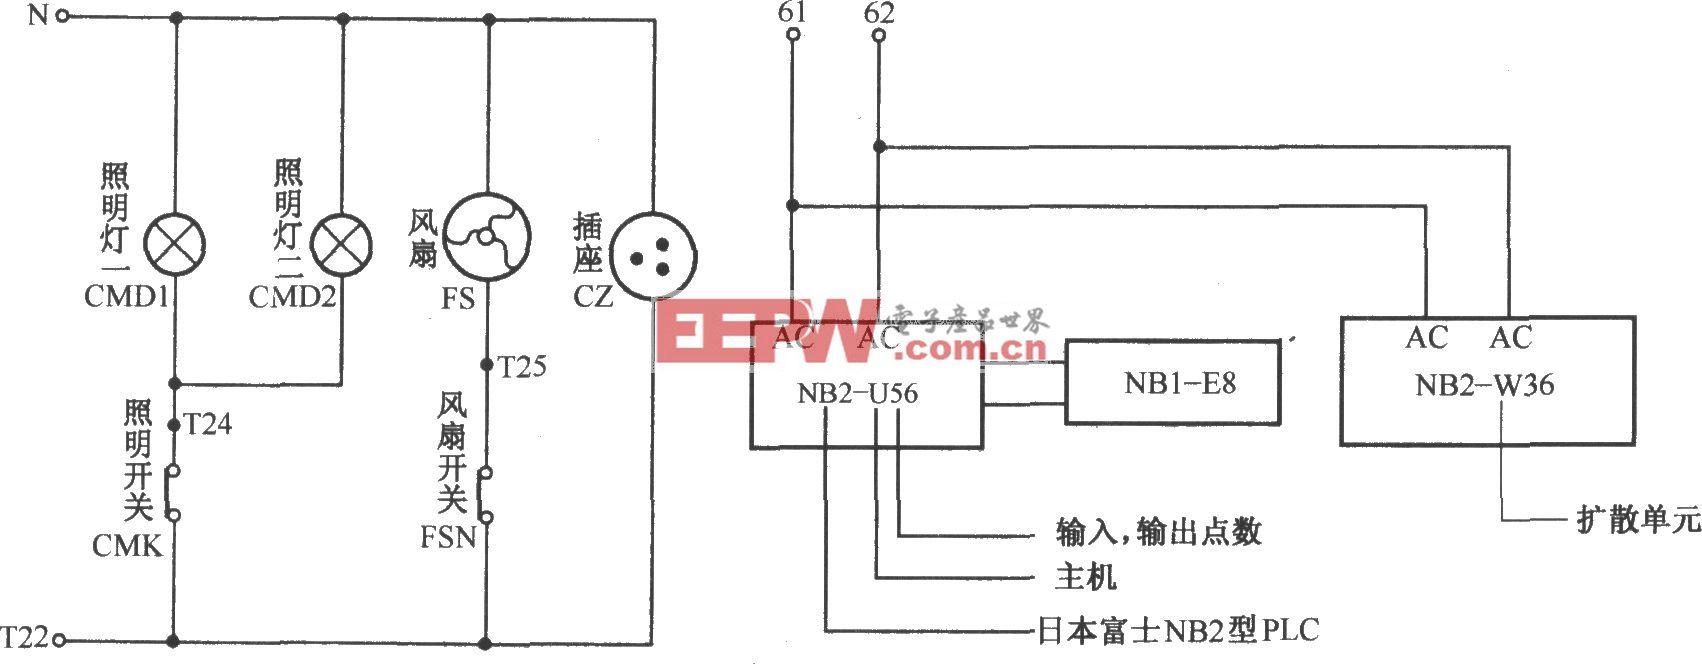 北京图捷电梯照明与PLC用电电路